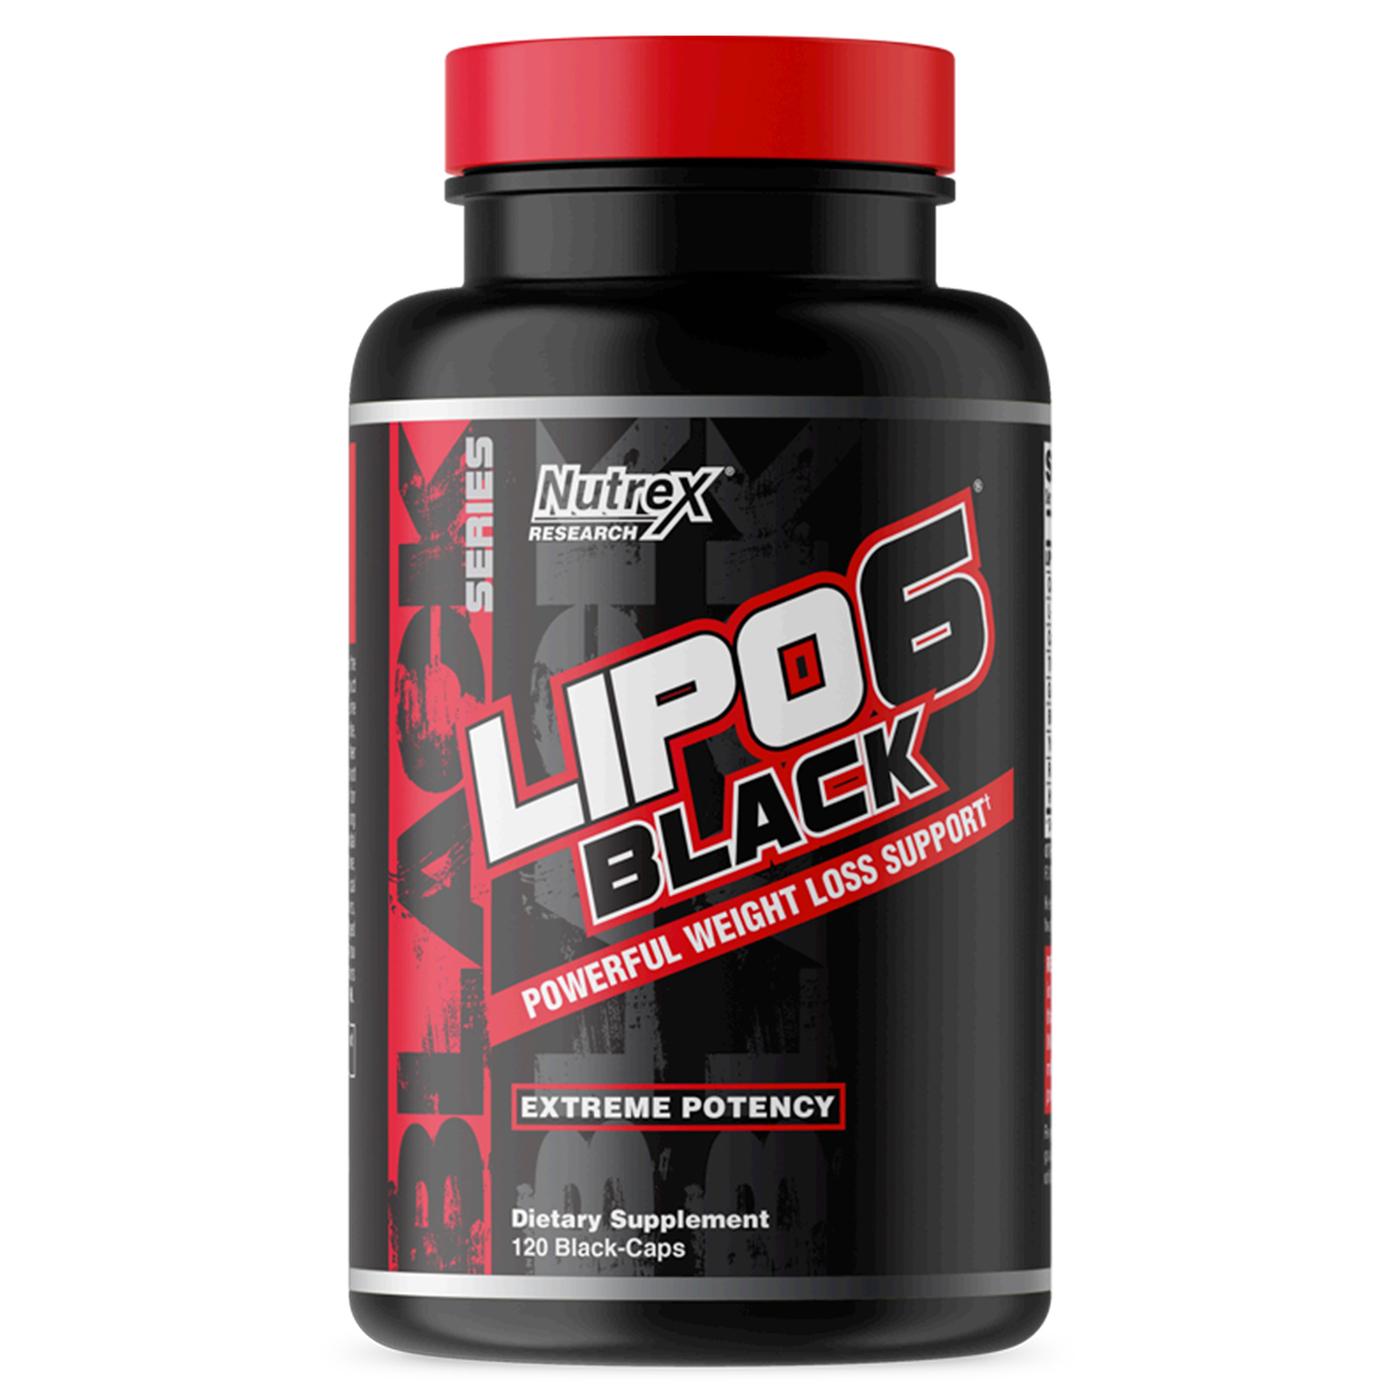 Серия жиросжигателей lipo 6: эффективность и сравнение